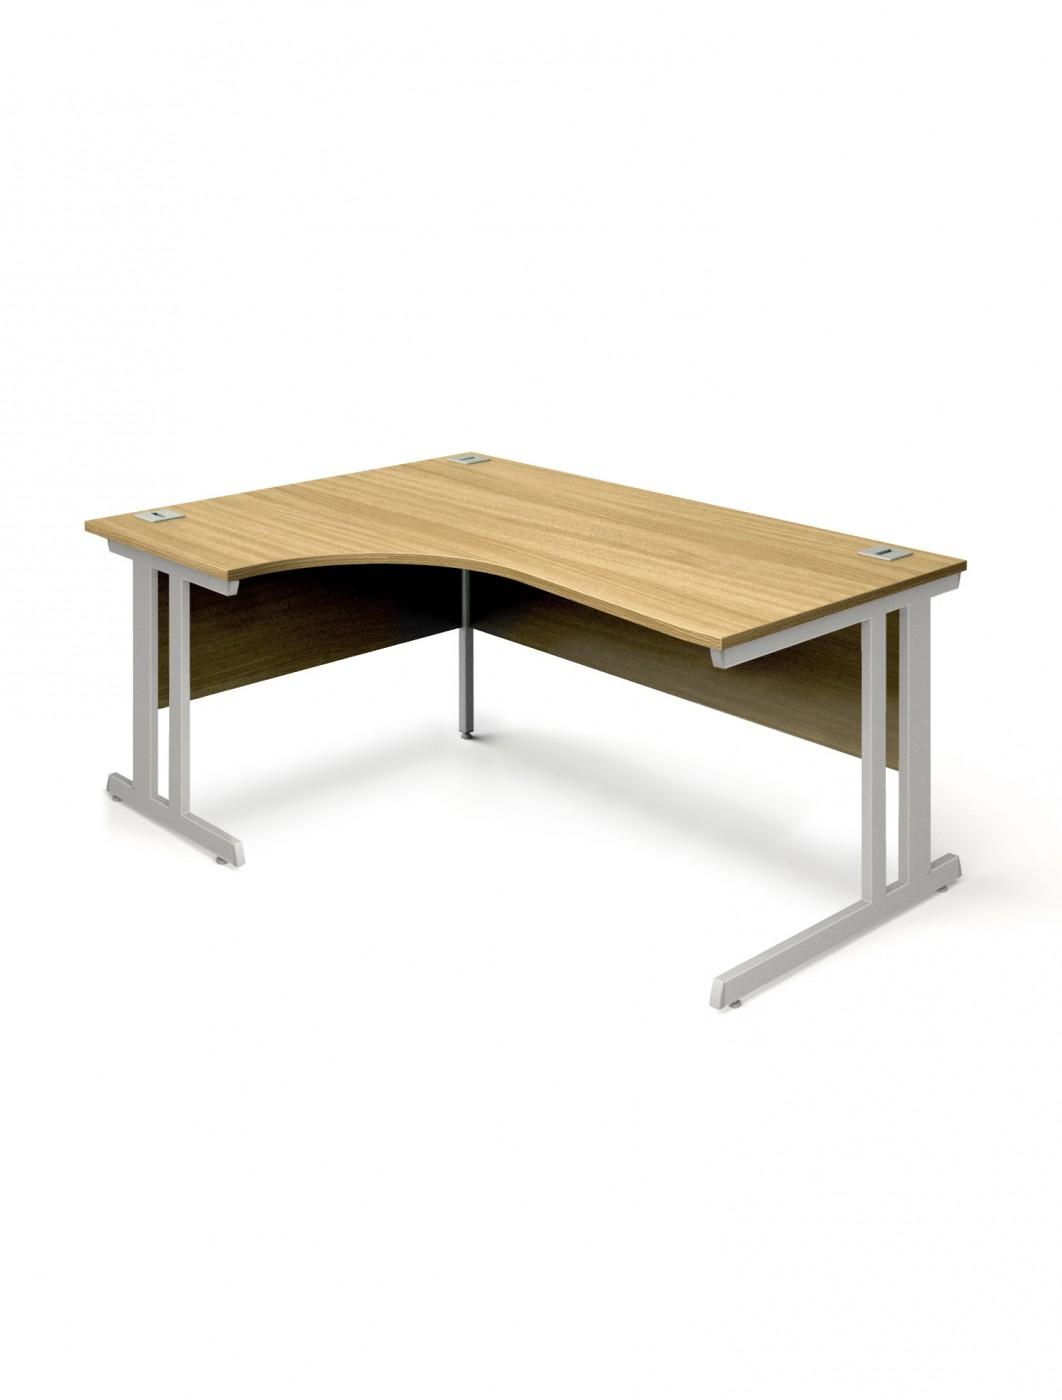 Oak office desk 1800mm aspire ergo desk et ed 1800 rl ok 121 office furniture - Oak office desk ...